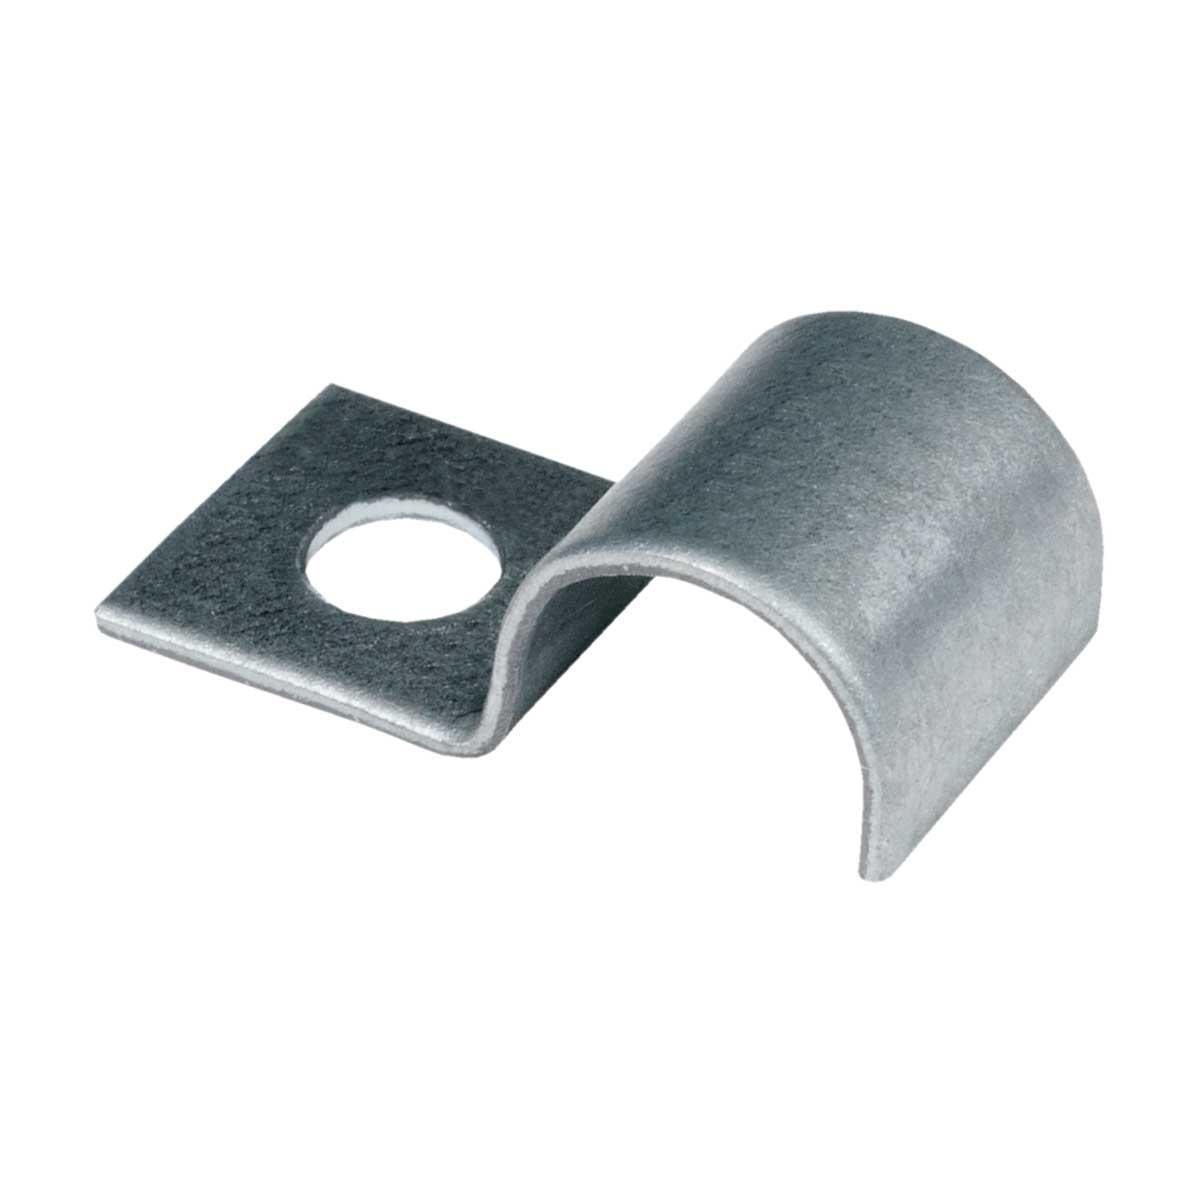 Хомут односторонній металевий для кабелю діаметром-10мм; Оцинковка Сендзимир